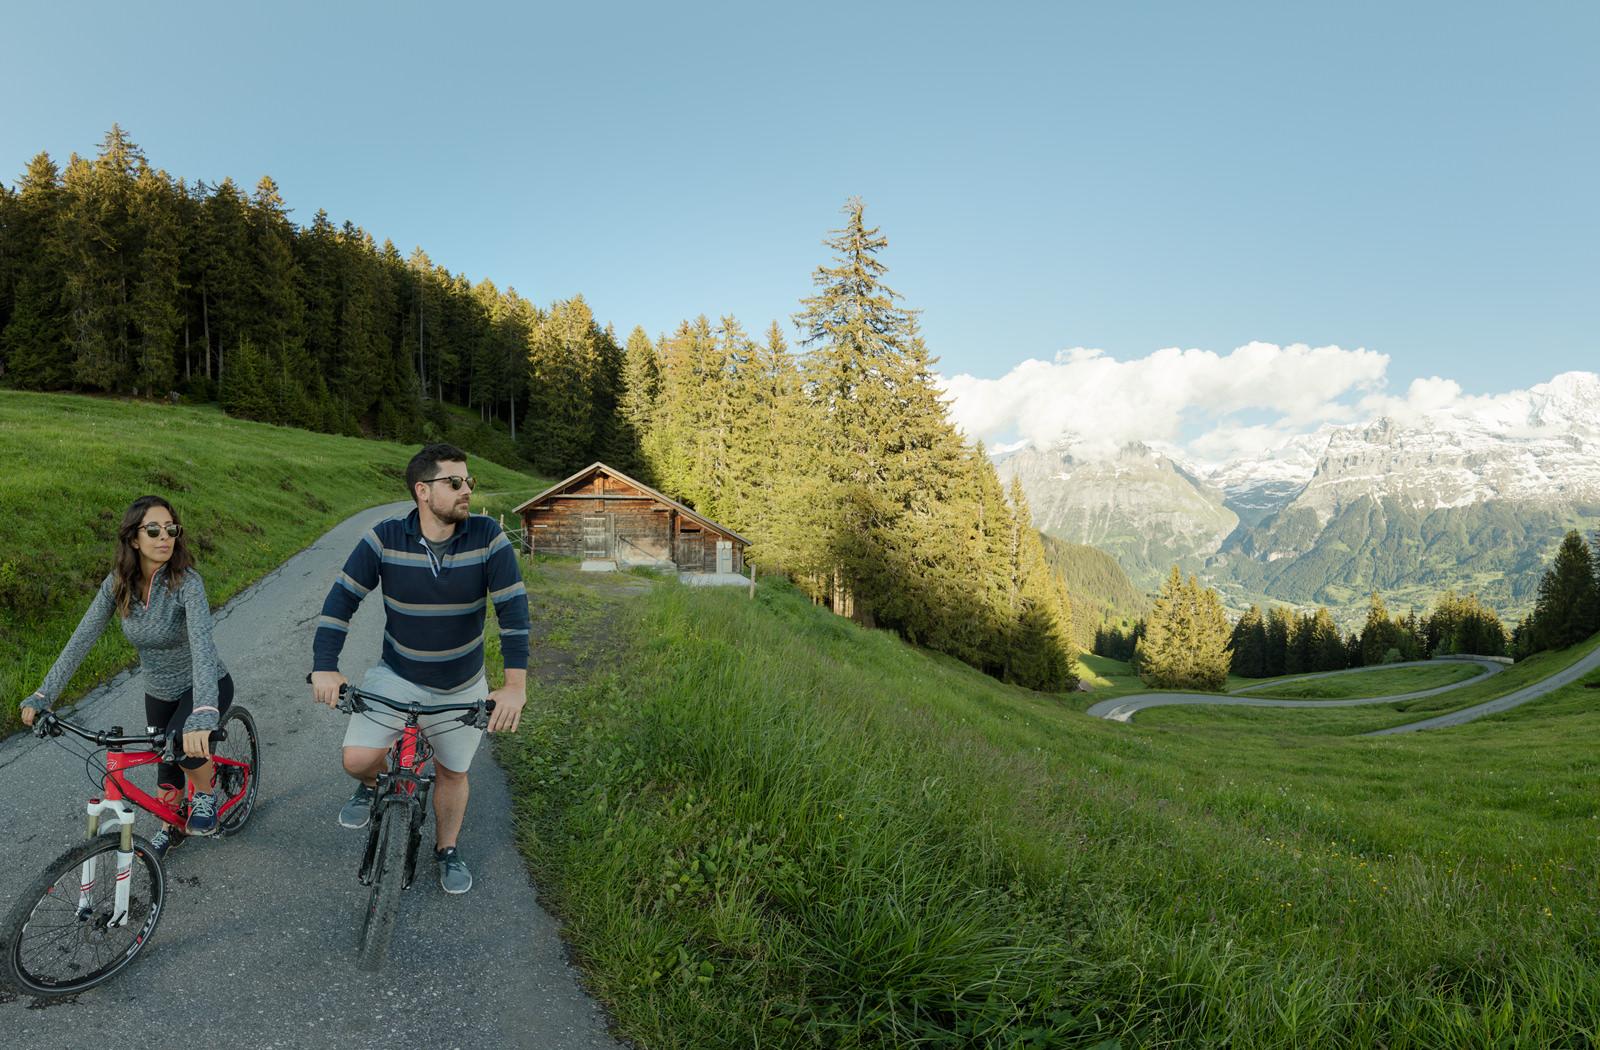 360 Video Social Media Campaign – Swiss & Secret Escapes